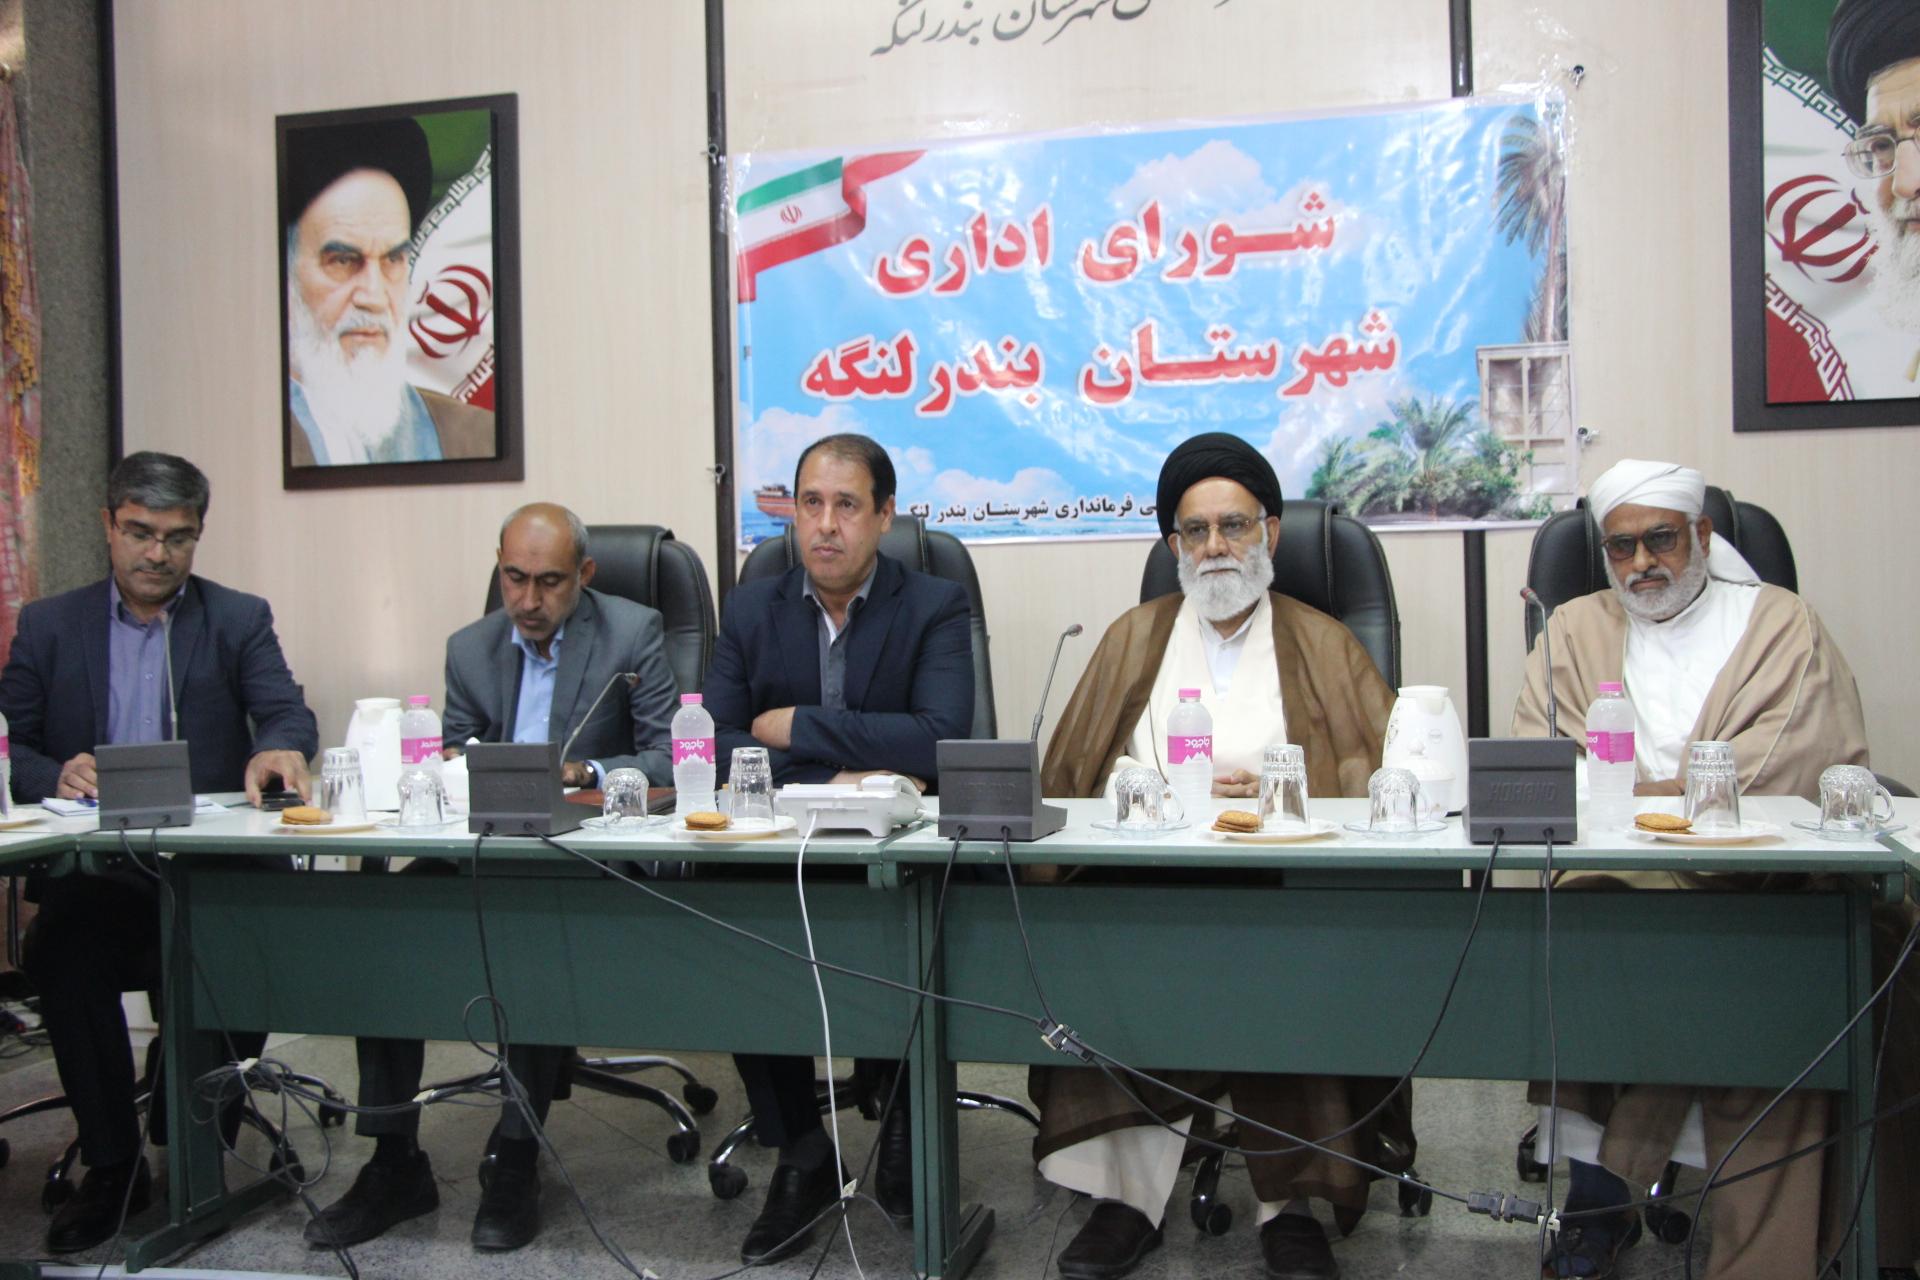 تصویب طرح دانشکده علوم پزشکی بندرلنگه در شورای برنامه ریزی استان